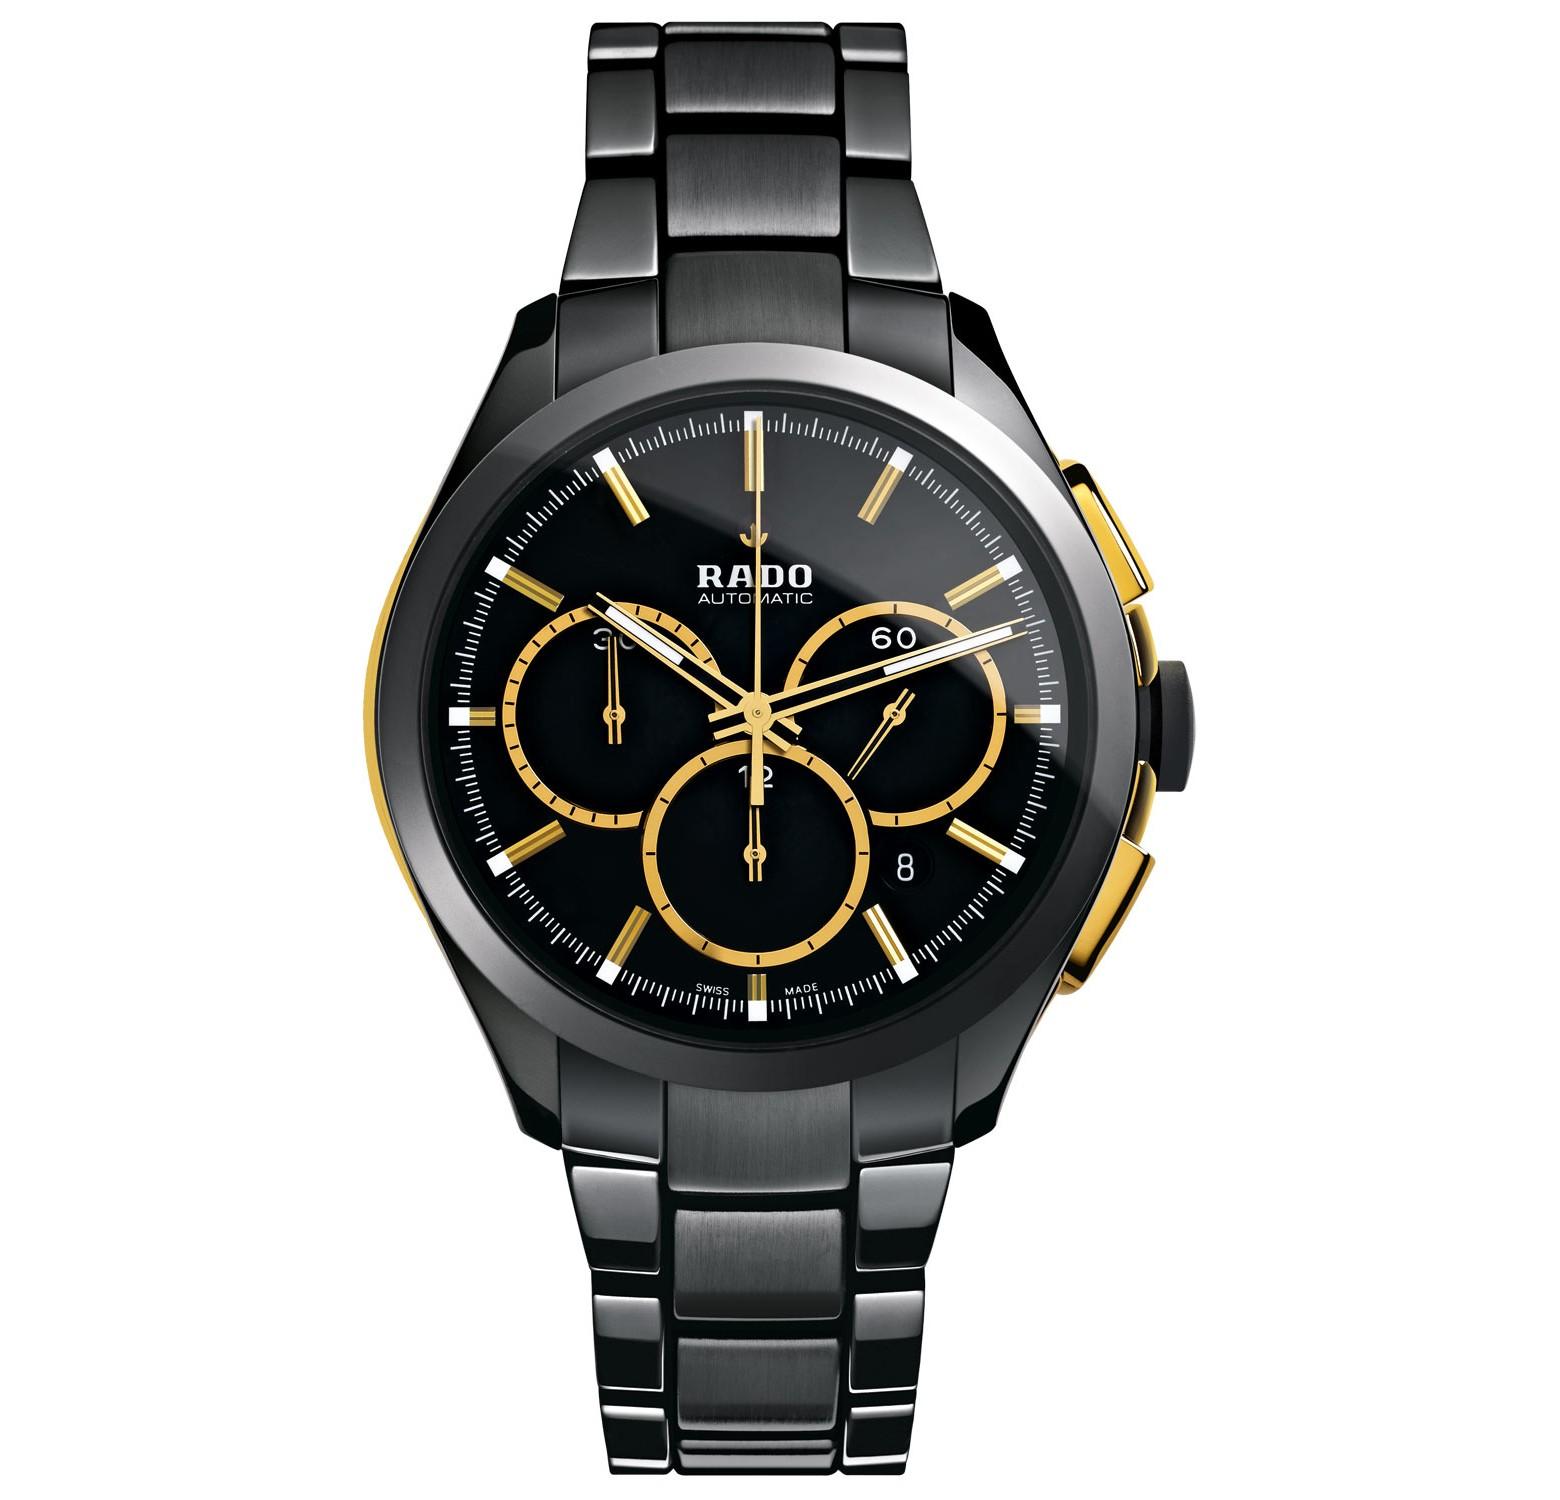 Rado HyperChromo Automatic Chronogragh Replica Watches